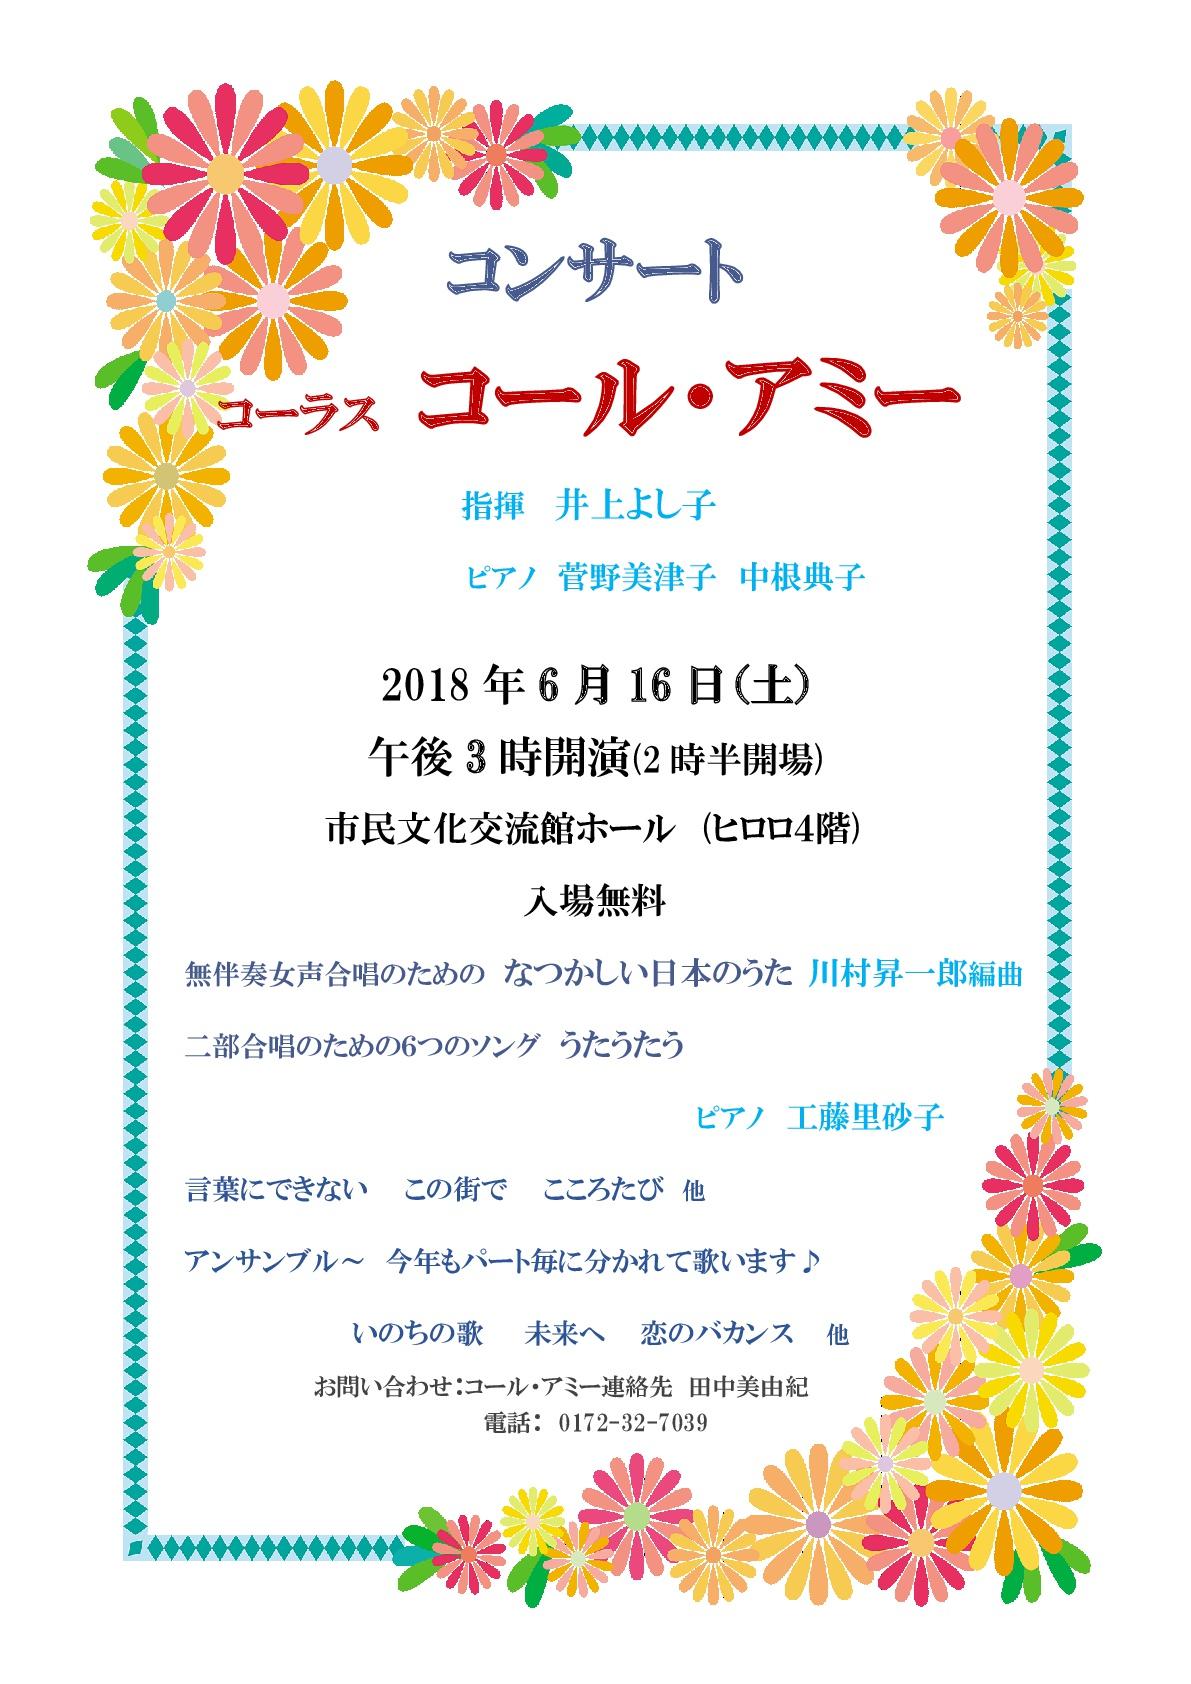 コール・アミー2018ちらし (002)-001.jpg